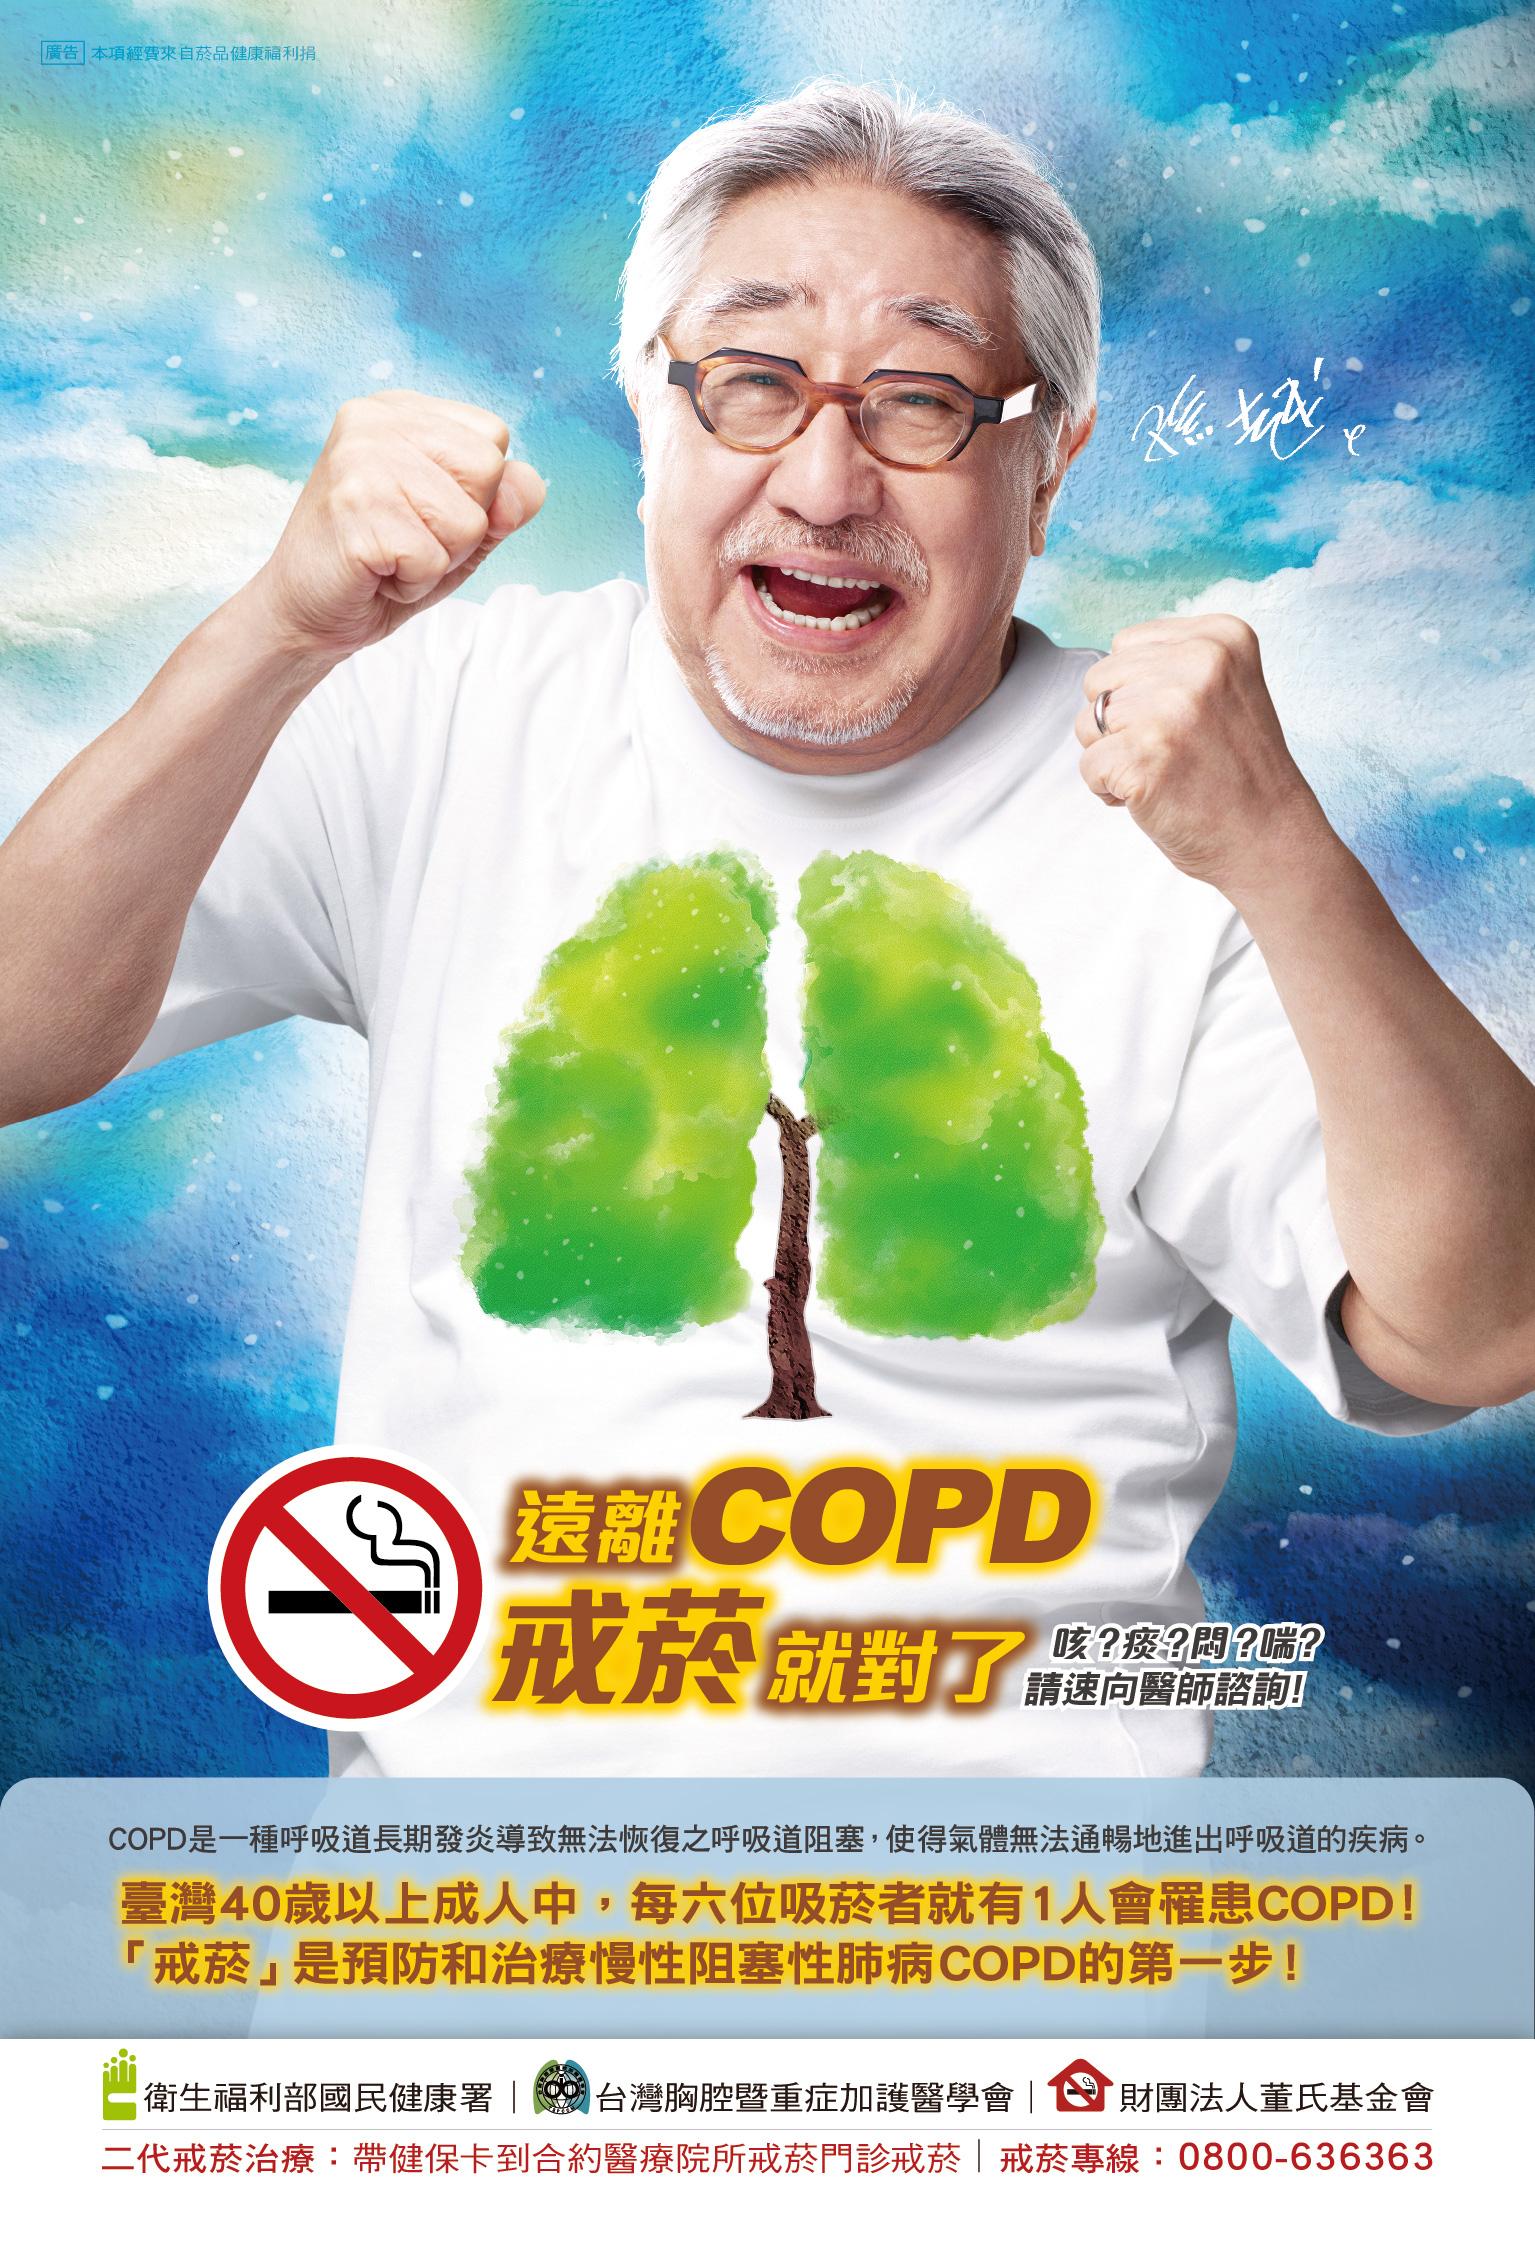 遠離COPD,戒菸就對了! COPD是一種呼吸到長期發炎導致無法恢復支呼吸道阻塞,使得氣體無法通暢地進出呼吸道得疾病。台灣40以上成人中,每六位吸菸者就有一人會罹患COPD!【戒菸】是預防及治療慢性阻塞性肺病COPD的第一步!